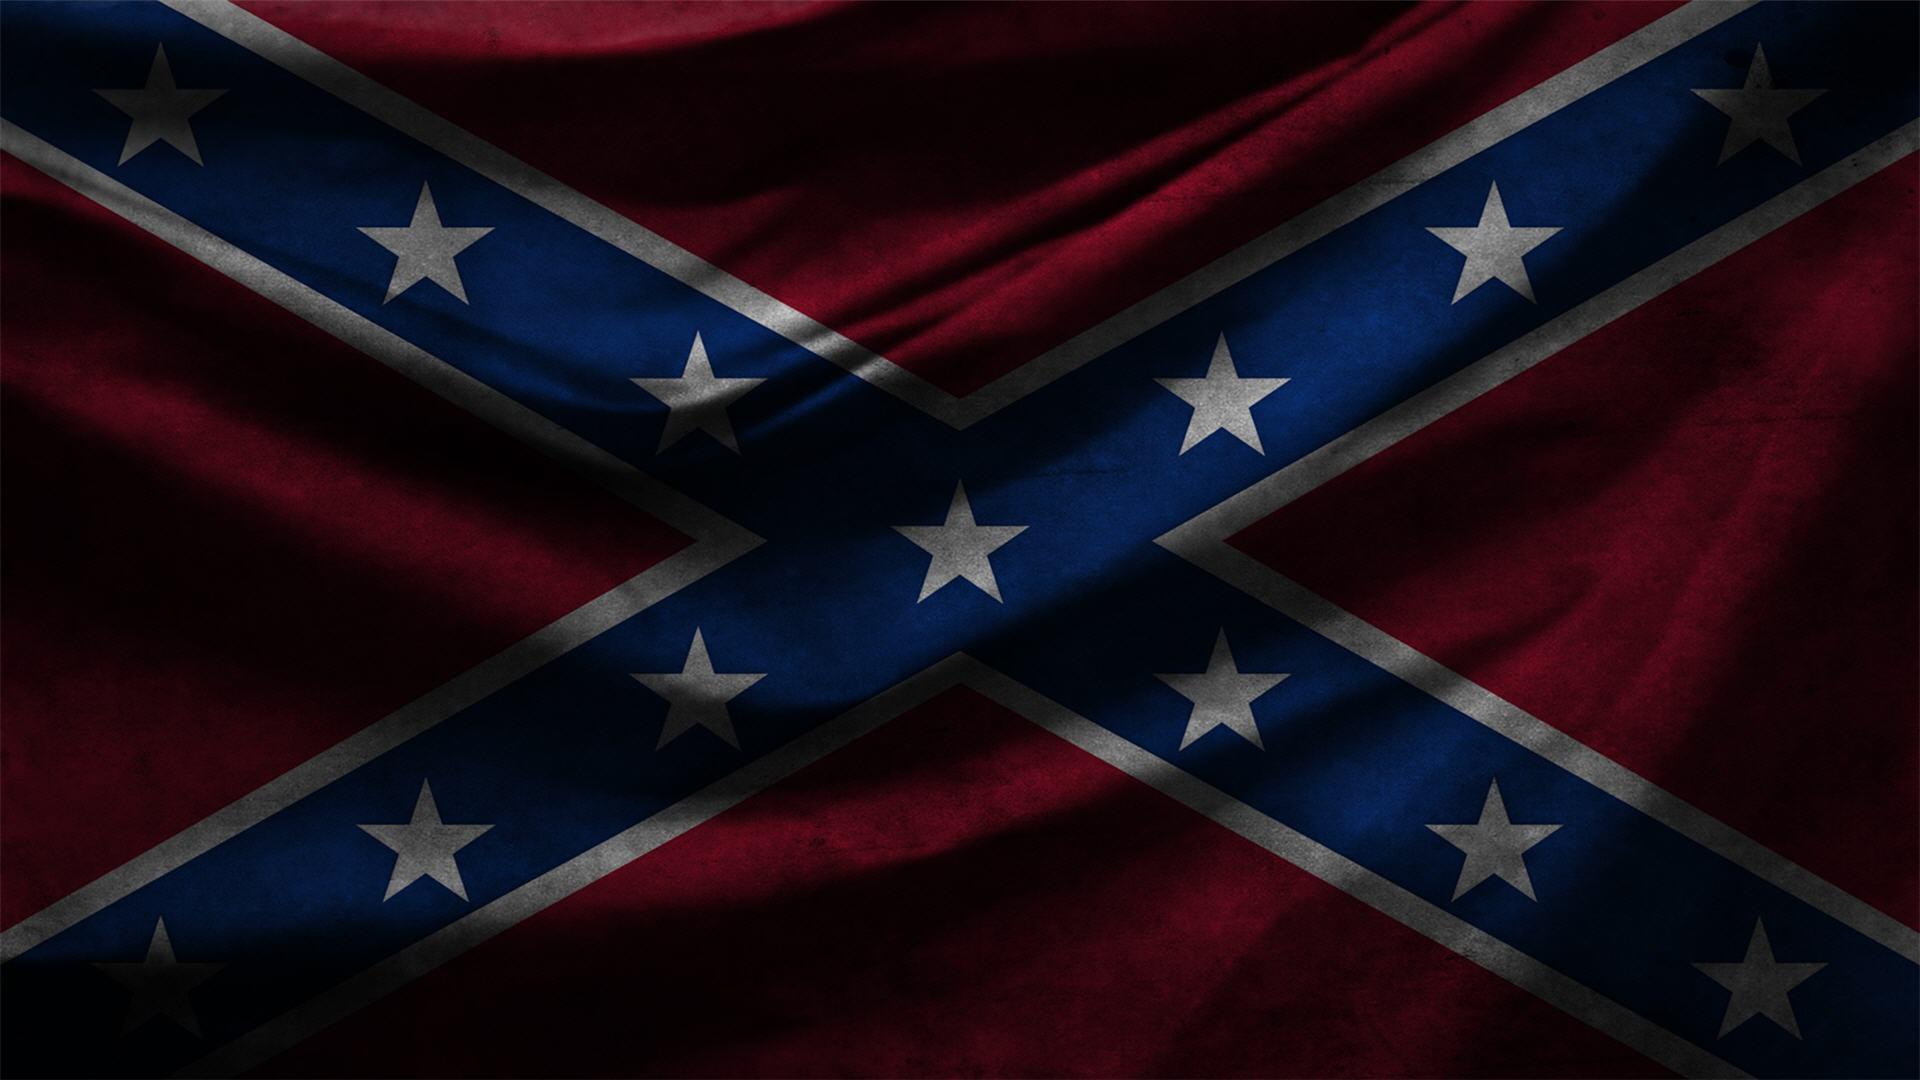 Confederate Flag Hd Wallpaper